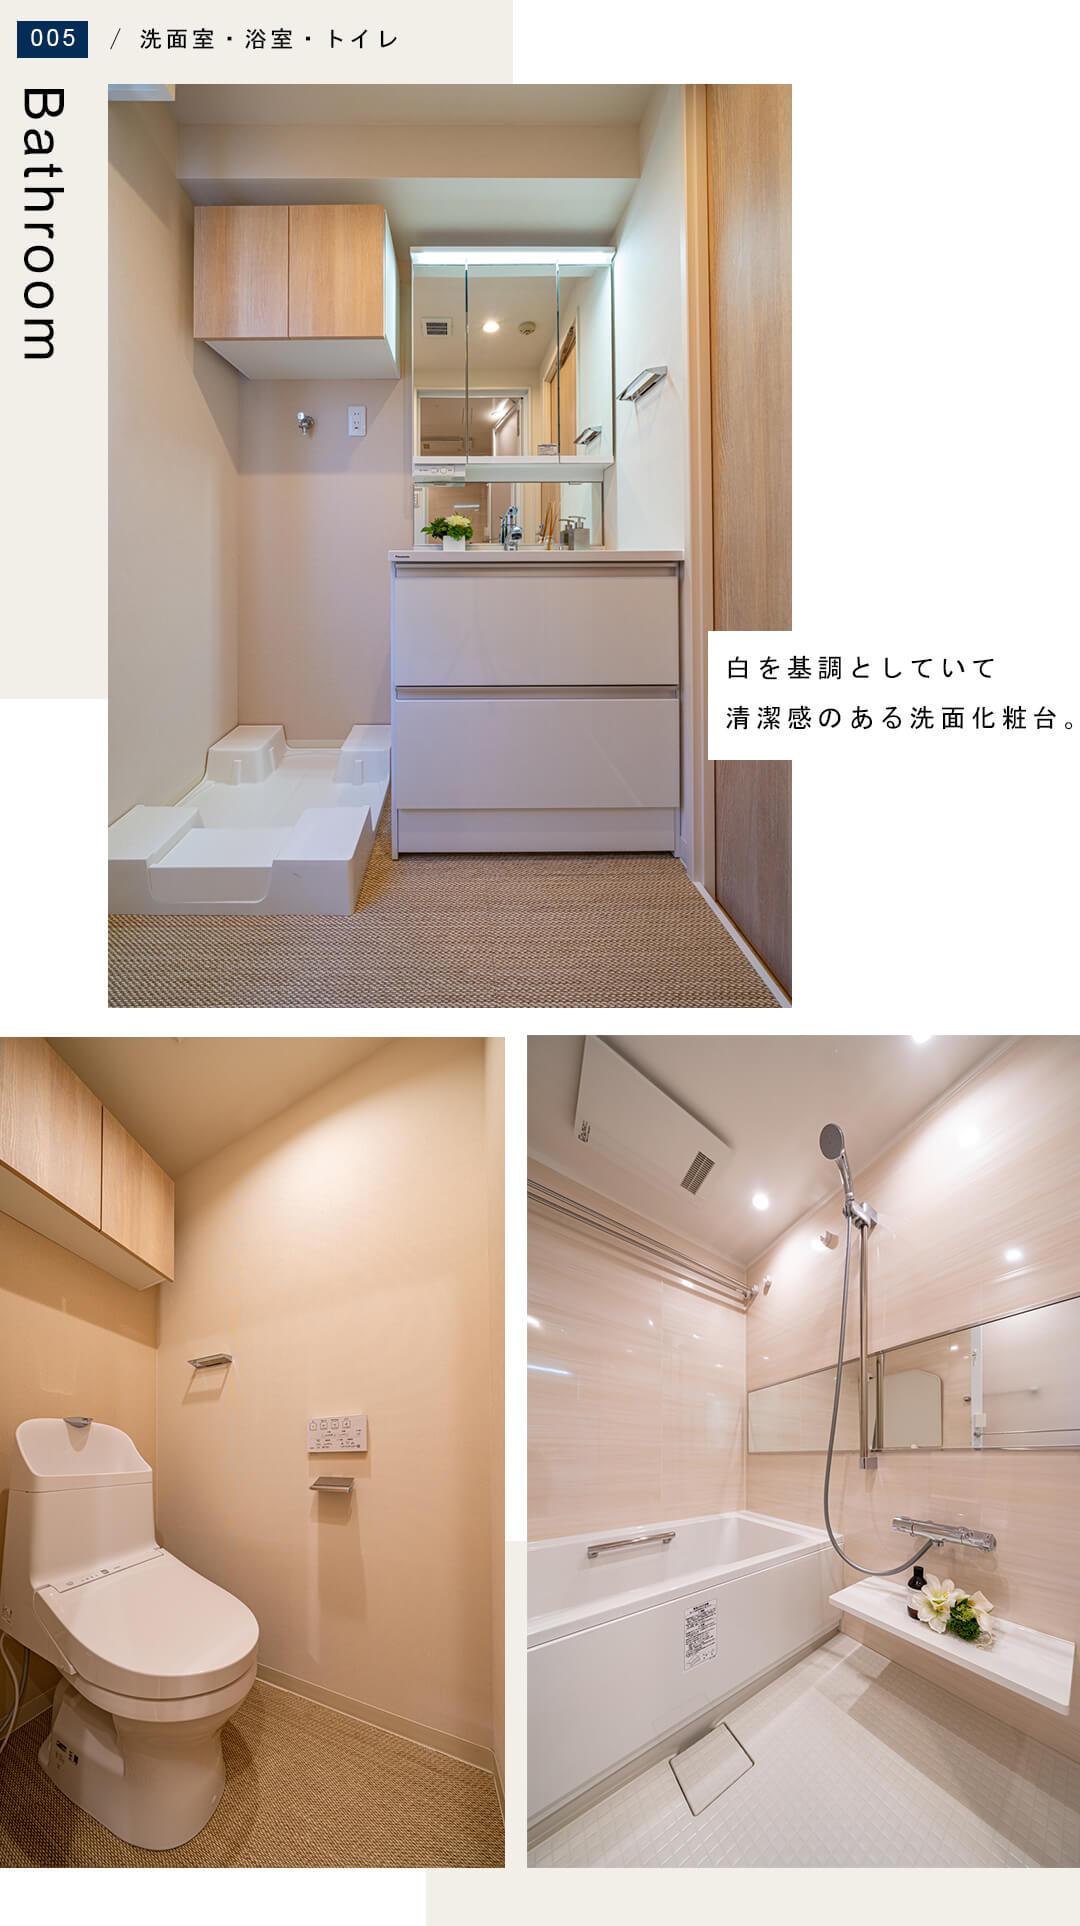 デュオ・スカーラ阿佐ヶ谷Ⅱの洗面室と浴室とトイレ